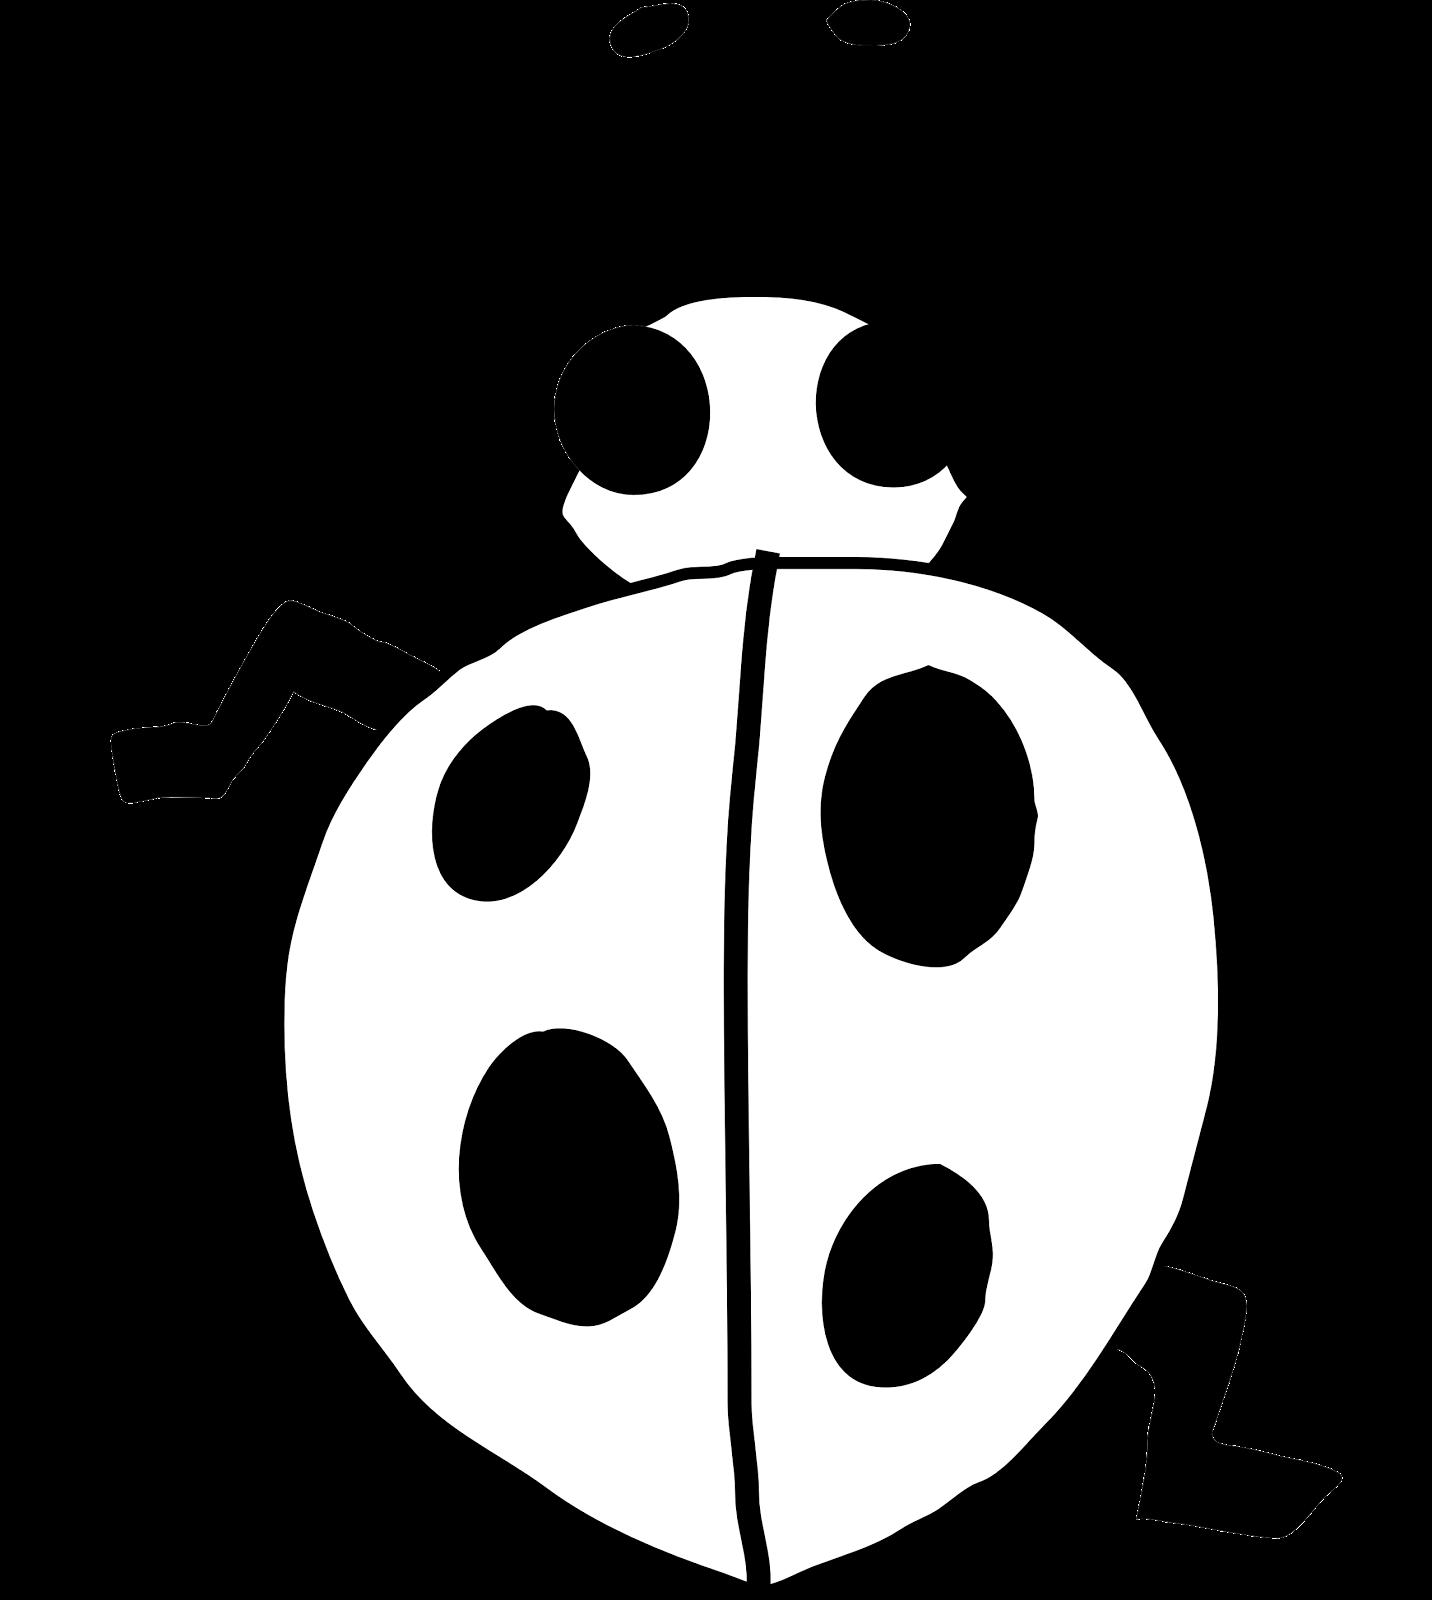 Ladybug Outline Line Drawing Painting Kindergarten Worksheet Guide Ladybird Drawing Drawings Outline Drawings